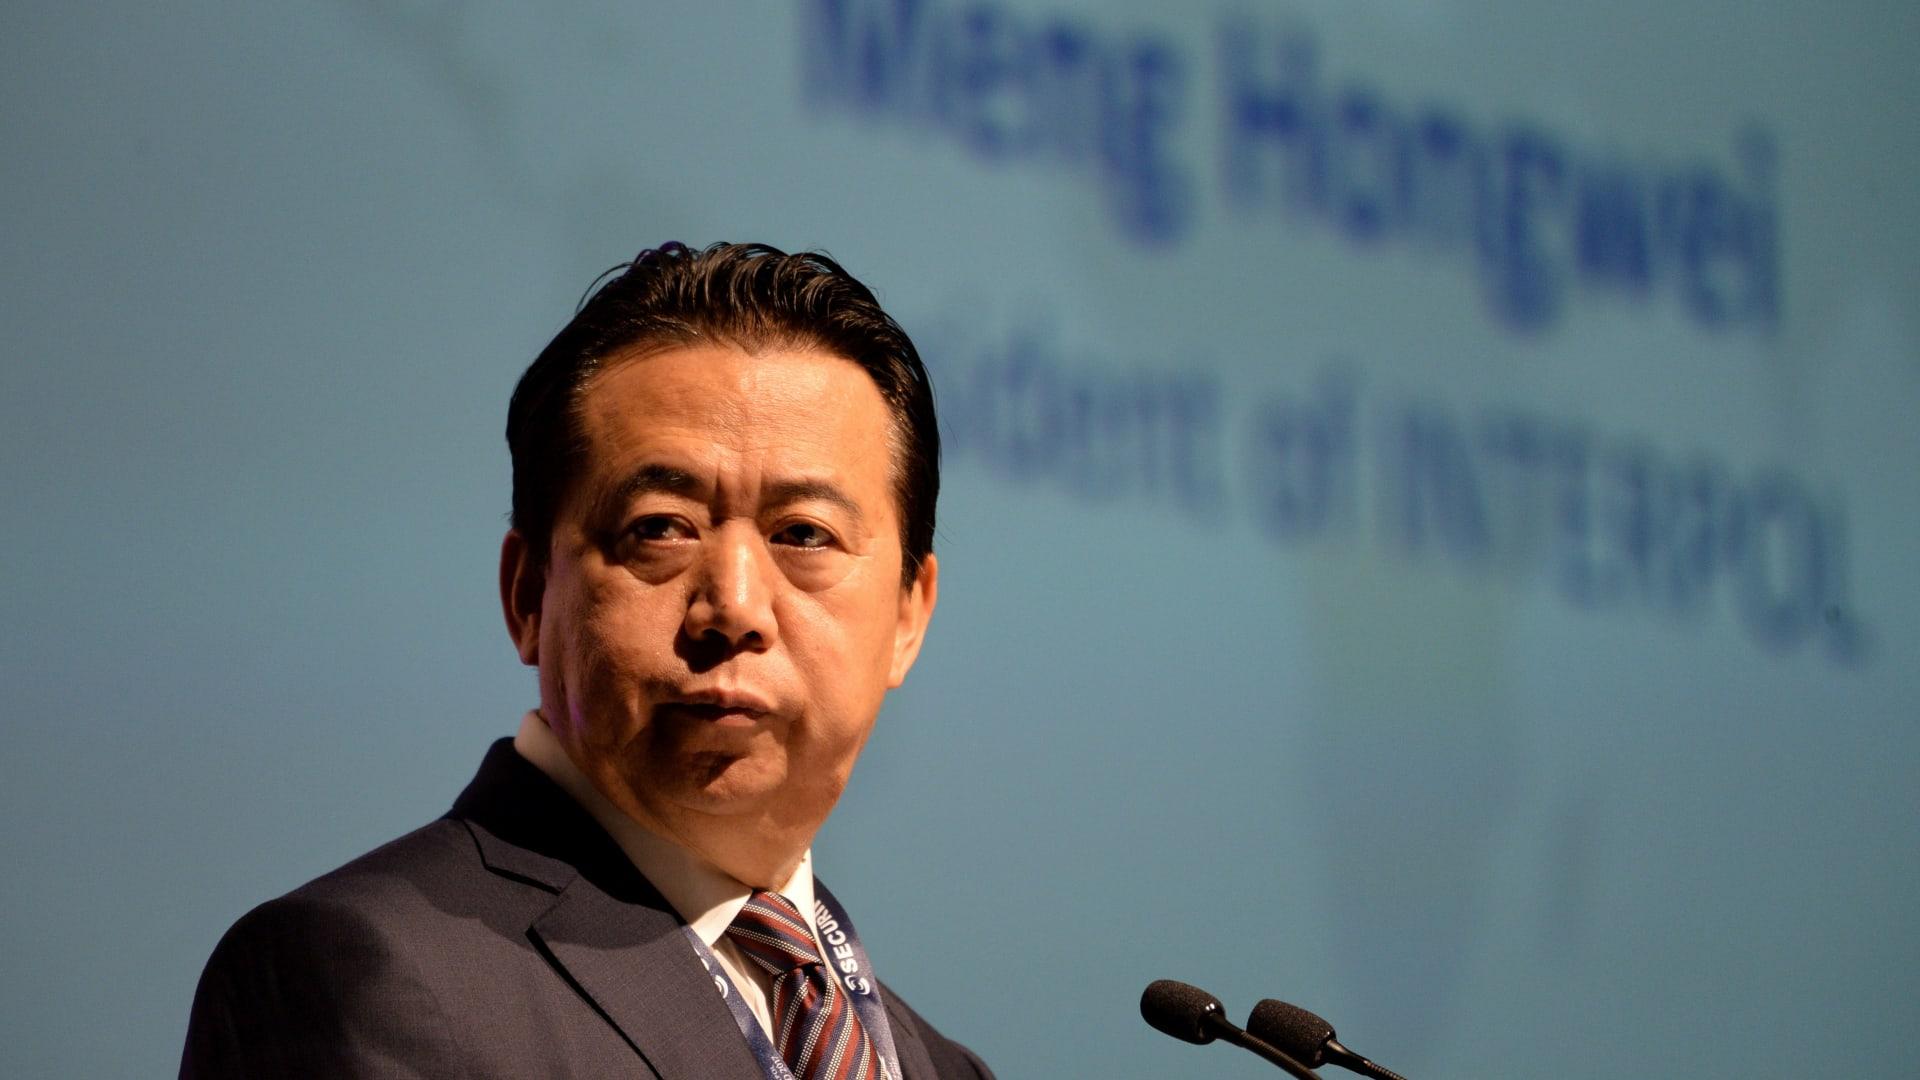 الحزب الحكم في الصين يكشف عن مصير رئيس الإنتربول المختفي